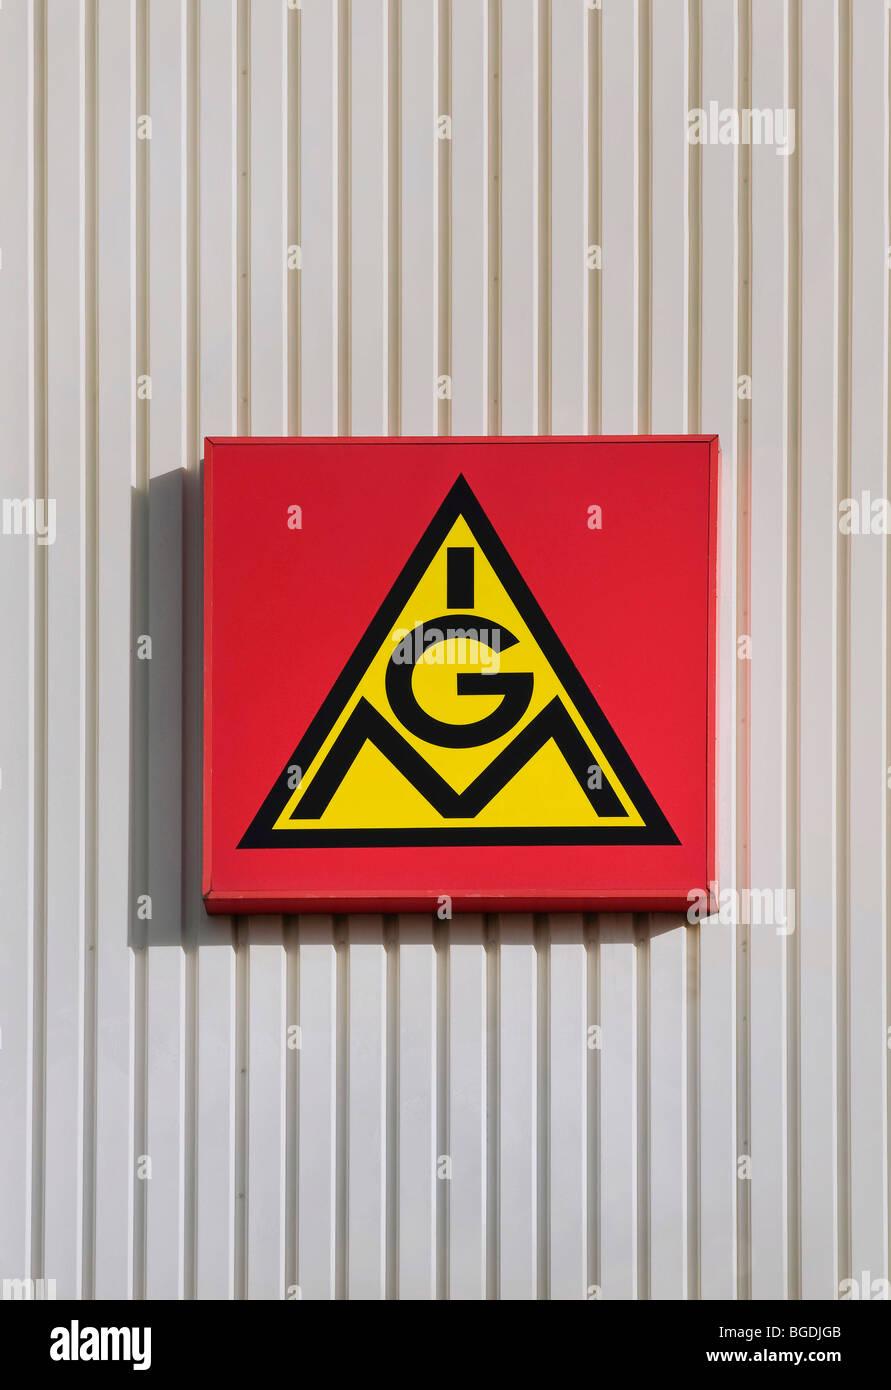 L'emblème de l'IGM, l'IG Metall sur une façade Photo Stock